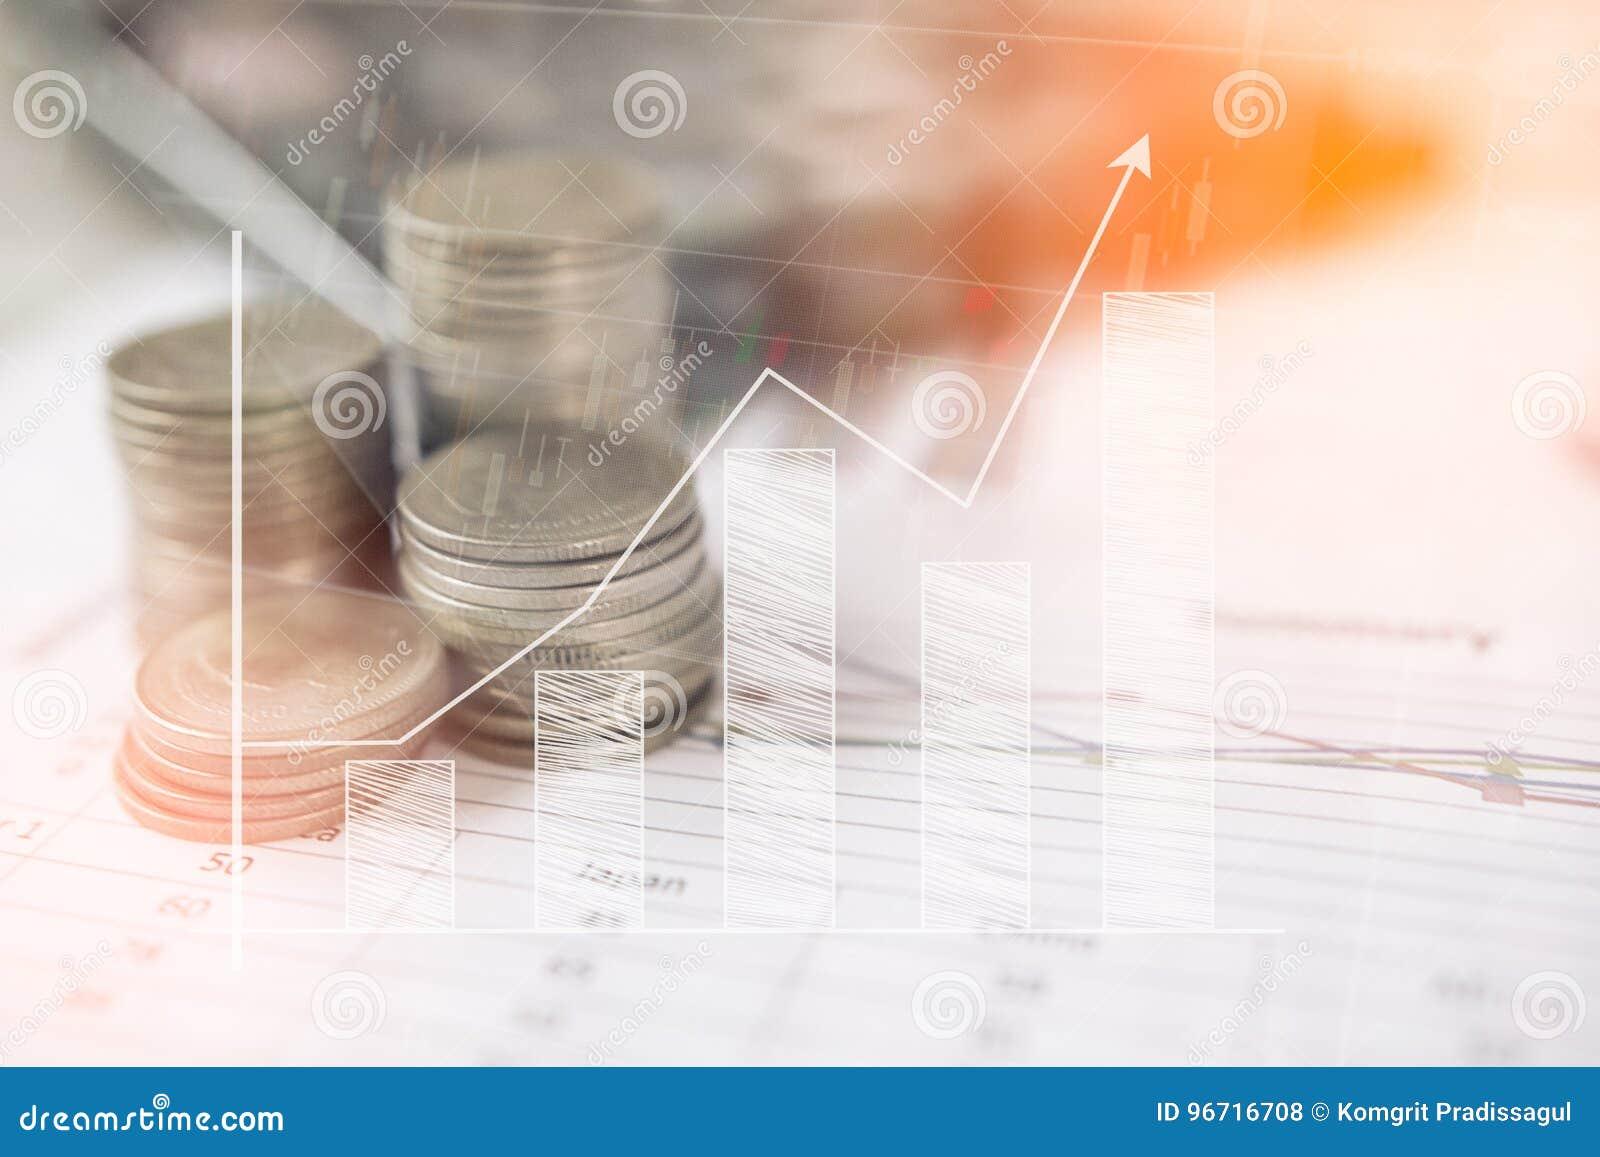 Räknemaskinen och myntet, pengar med affärsgrafer och diagram anmäler på tabellen, räknemaskin på skrivbordet av finansiellt hyvl